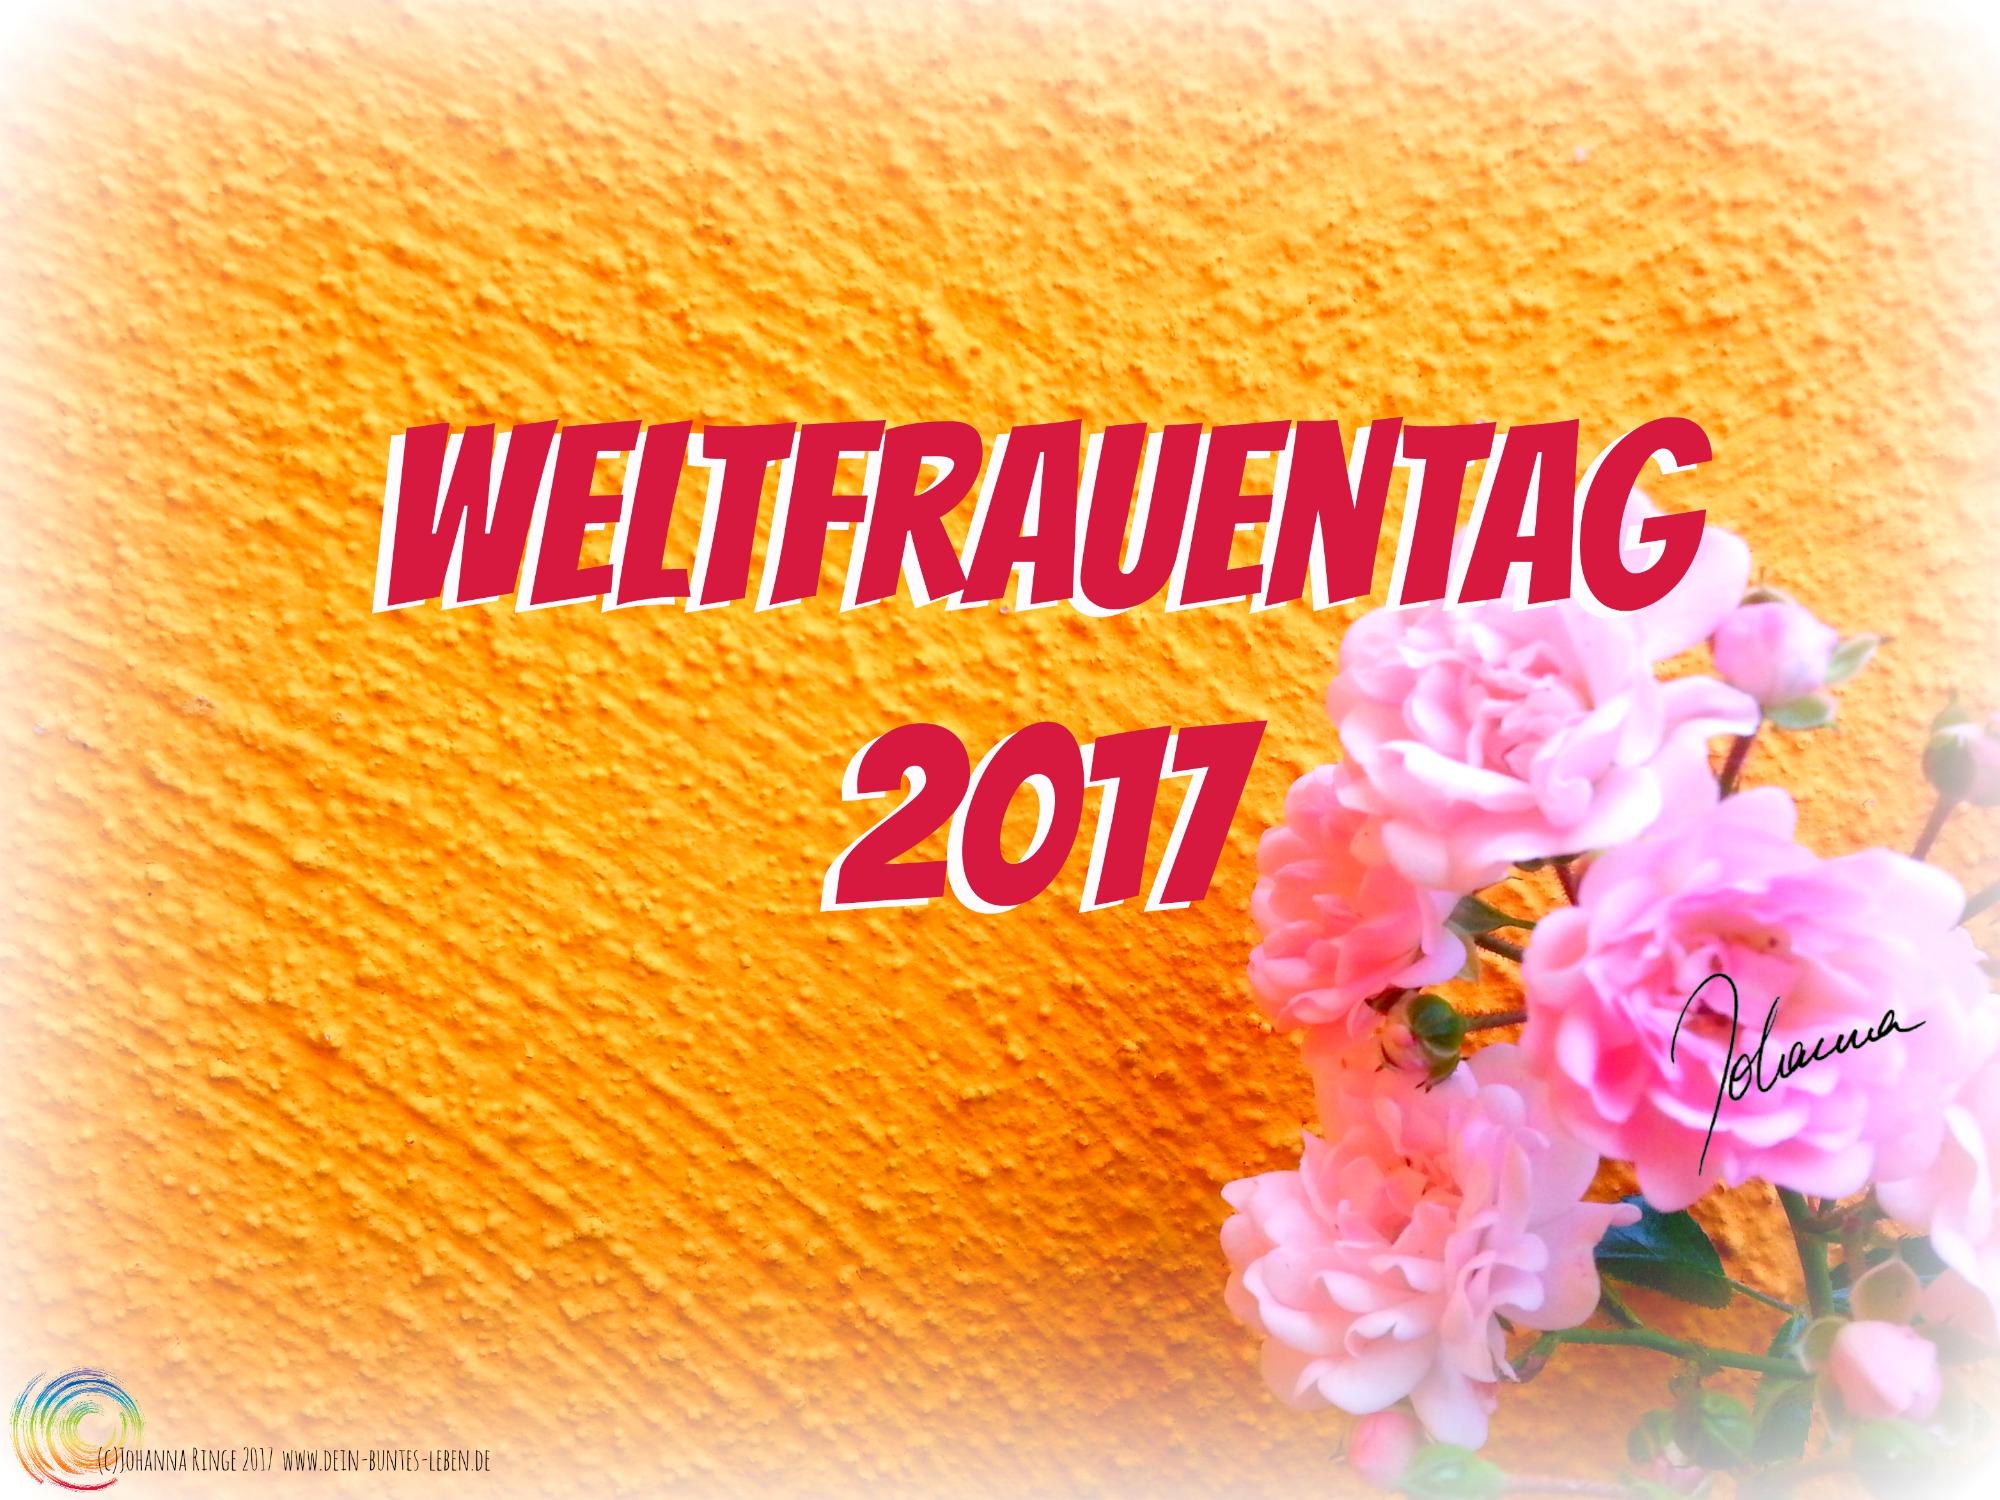 Schrift vor gelber Wand mit rosa Rosen: Weltfrauentag 2017 (c)2017 Johanna Ringe www.dein-buntes-leben.de